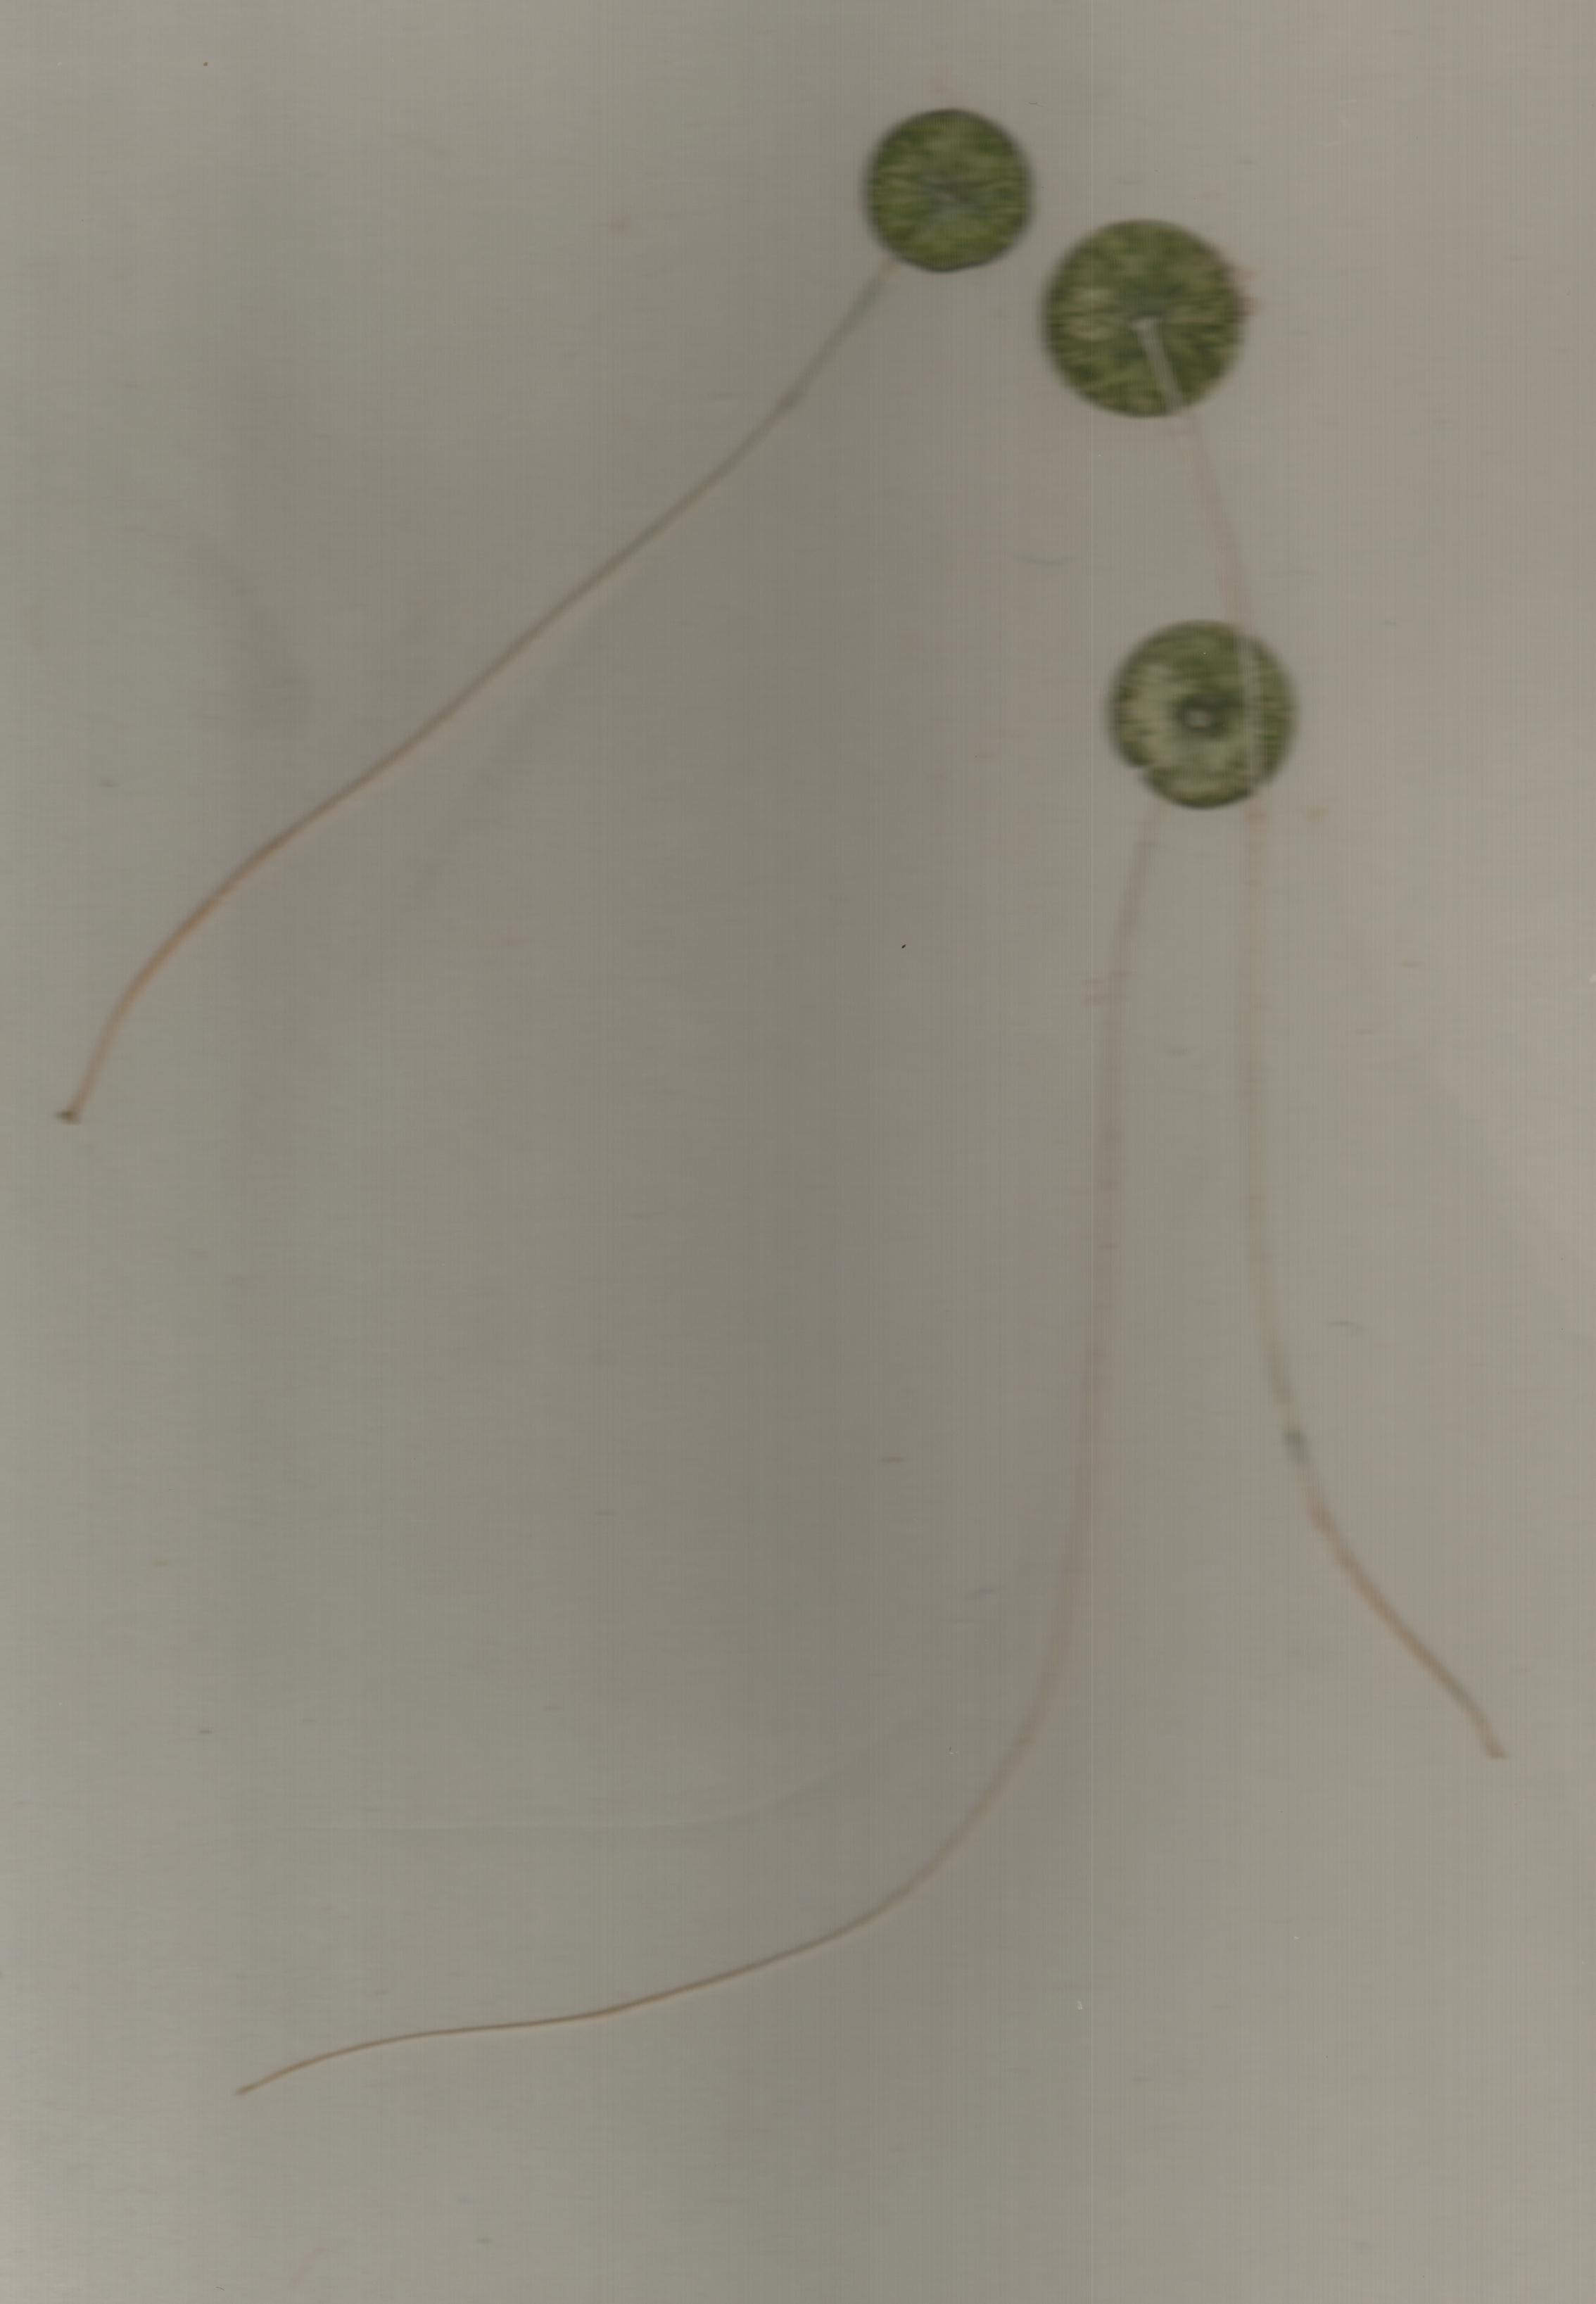 Image of Mermaid's Wineglasses